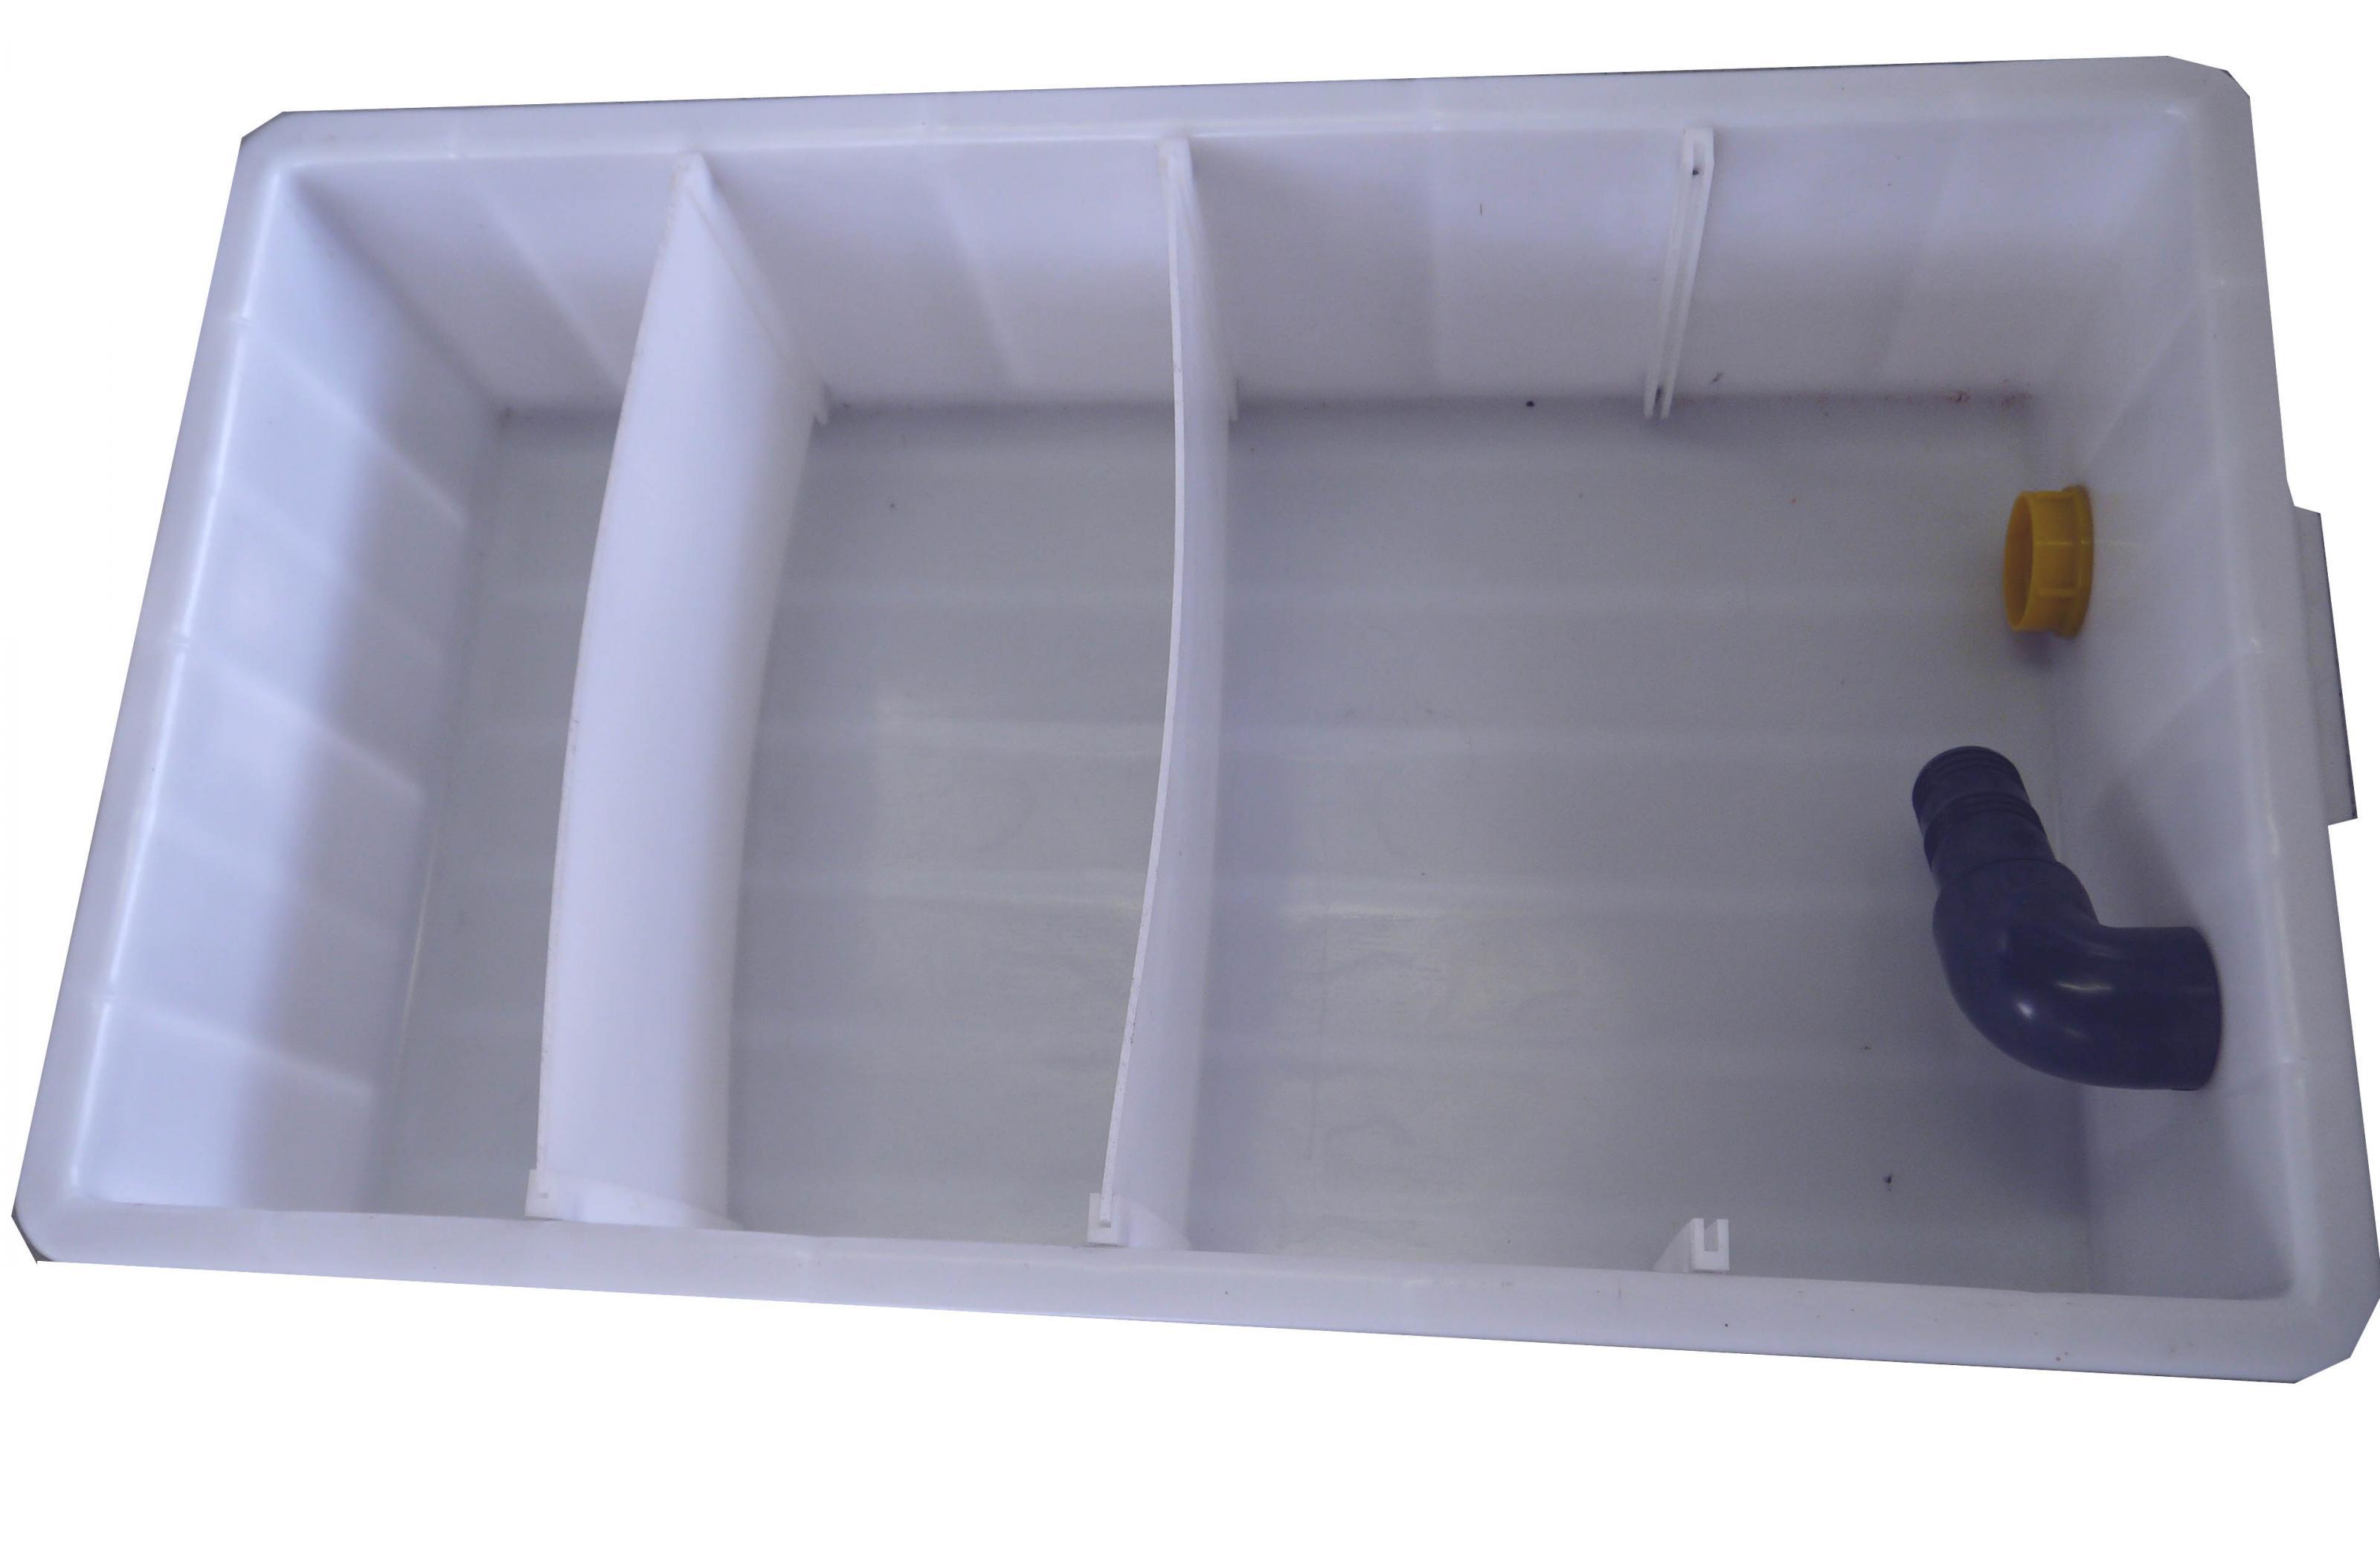 bac decanteur plastique grand modele - Grand Bac Plastique